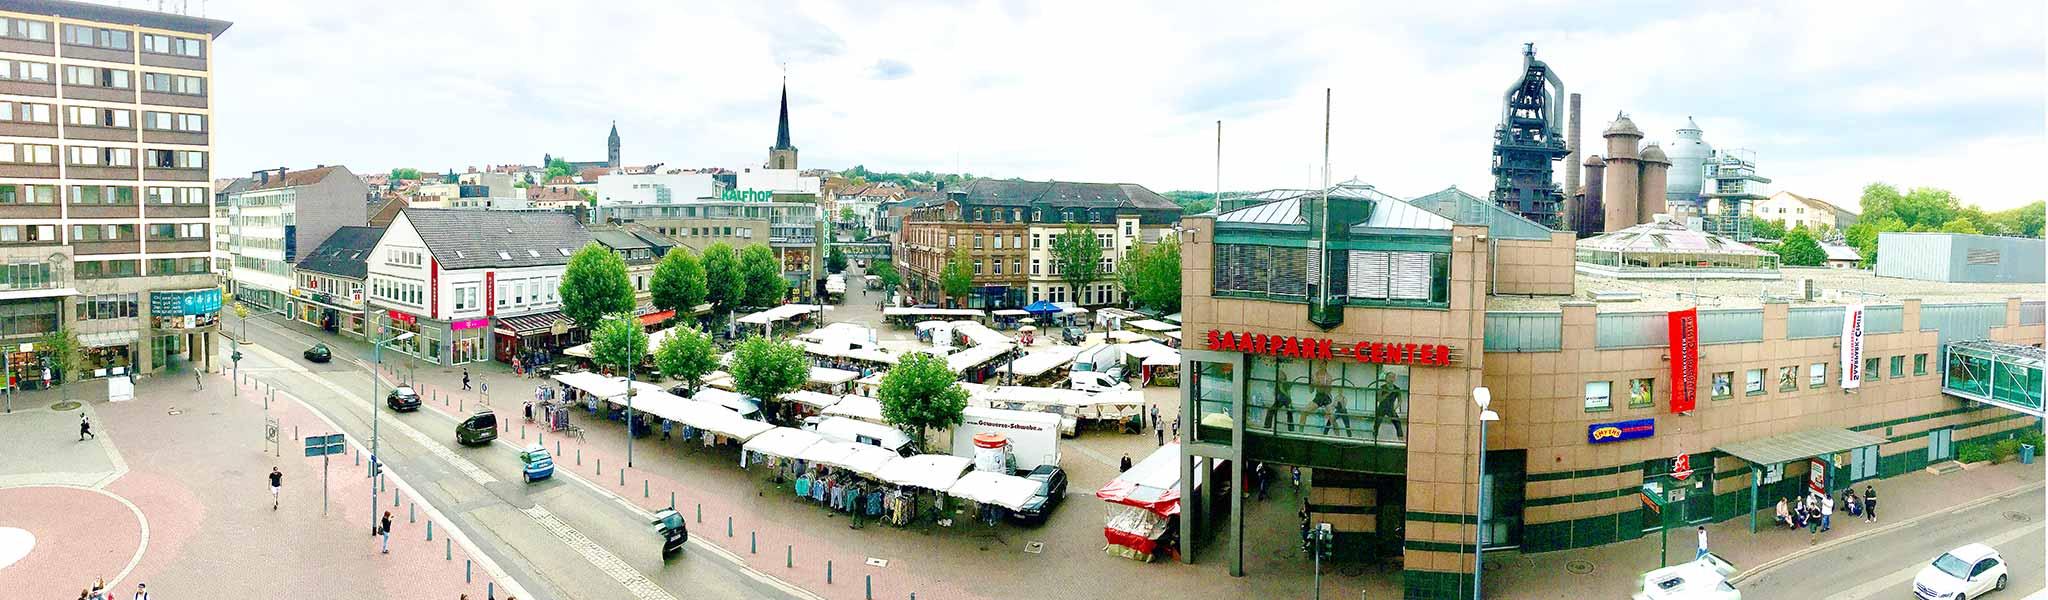 stummplatz_mit_spc.jpg